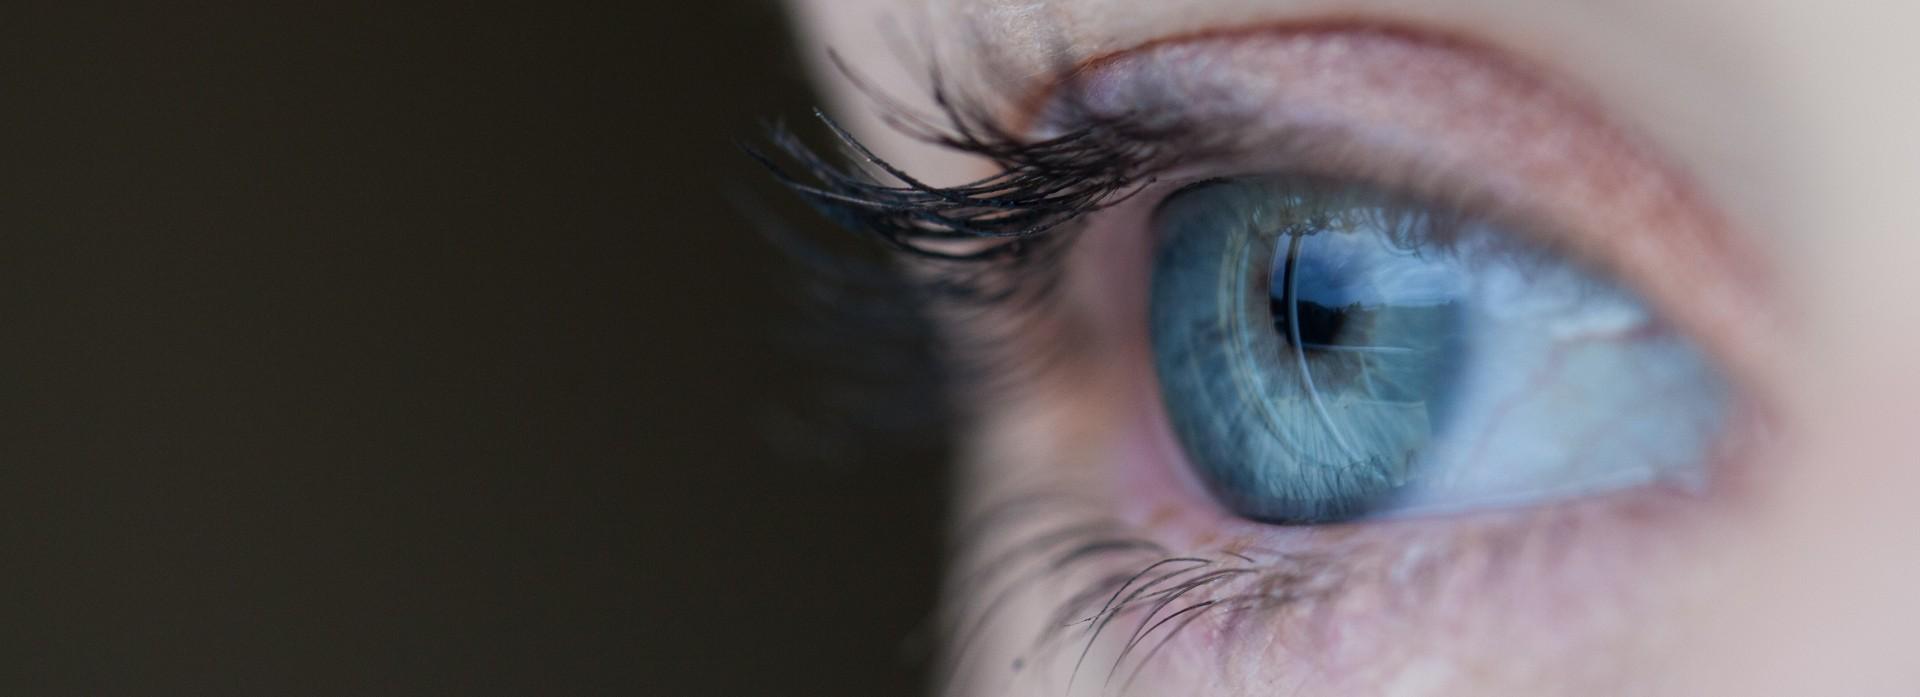 eye-691269 (Large)